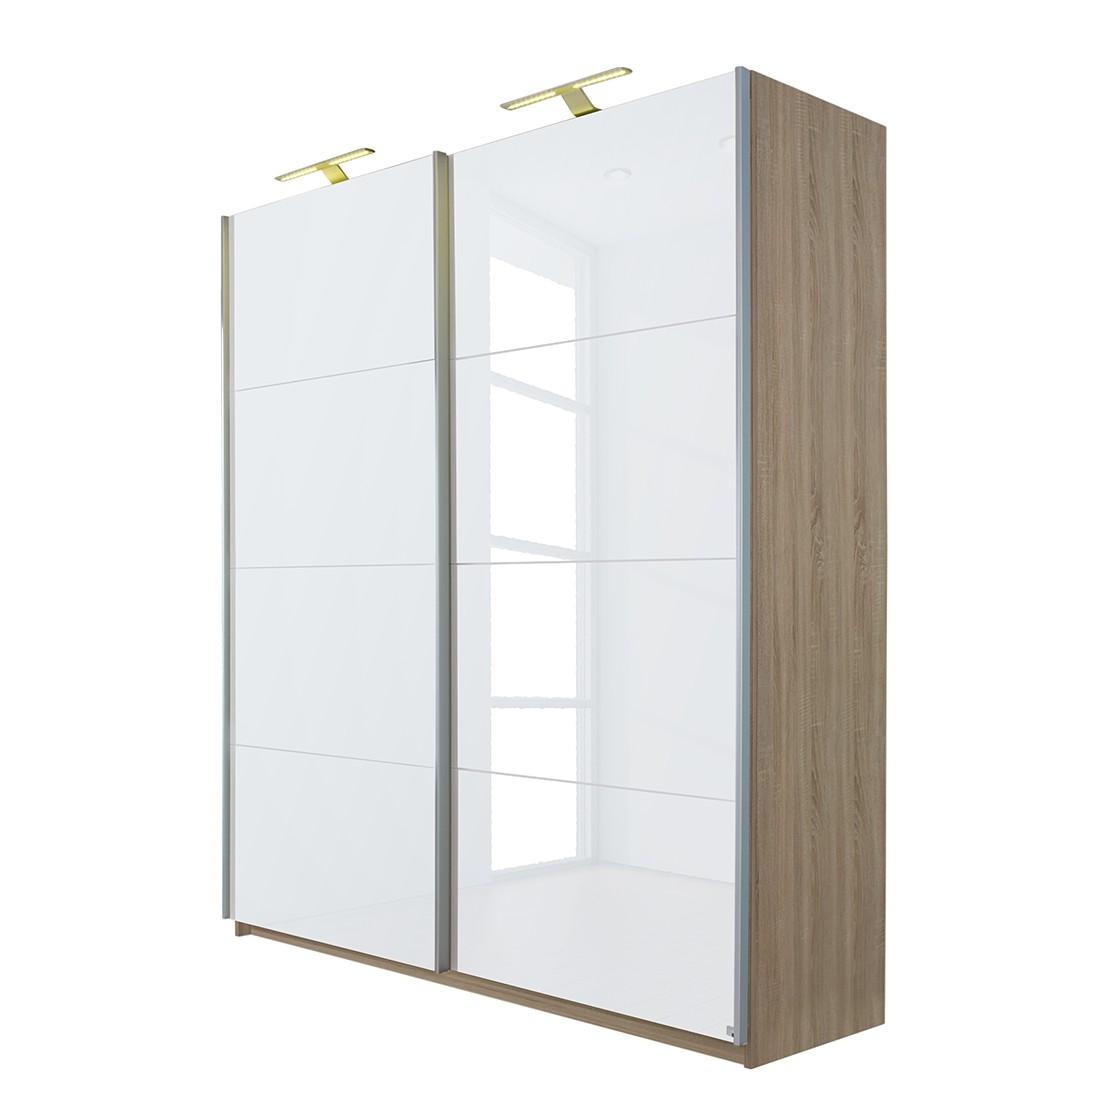 schwebet renschrank beluga plus hochglanz wei eiche sonoma dekor 270 cm 2 t rig 223. Black Bedroom Furniture Sets. Home Design Ideas